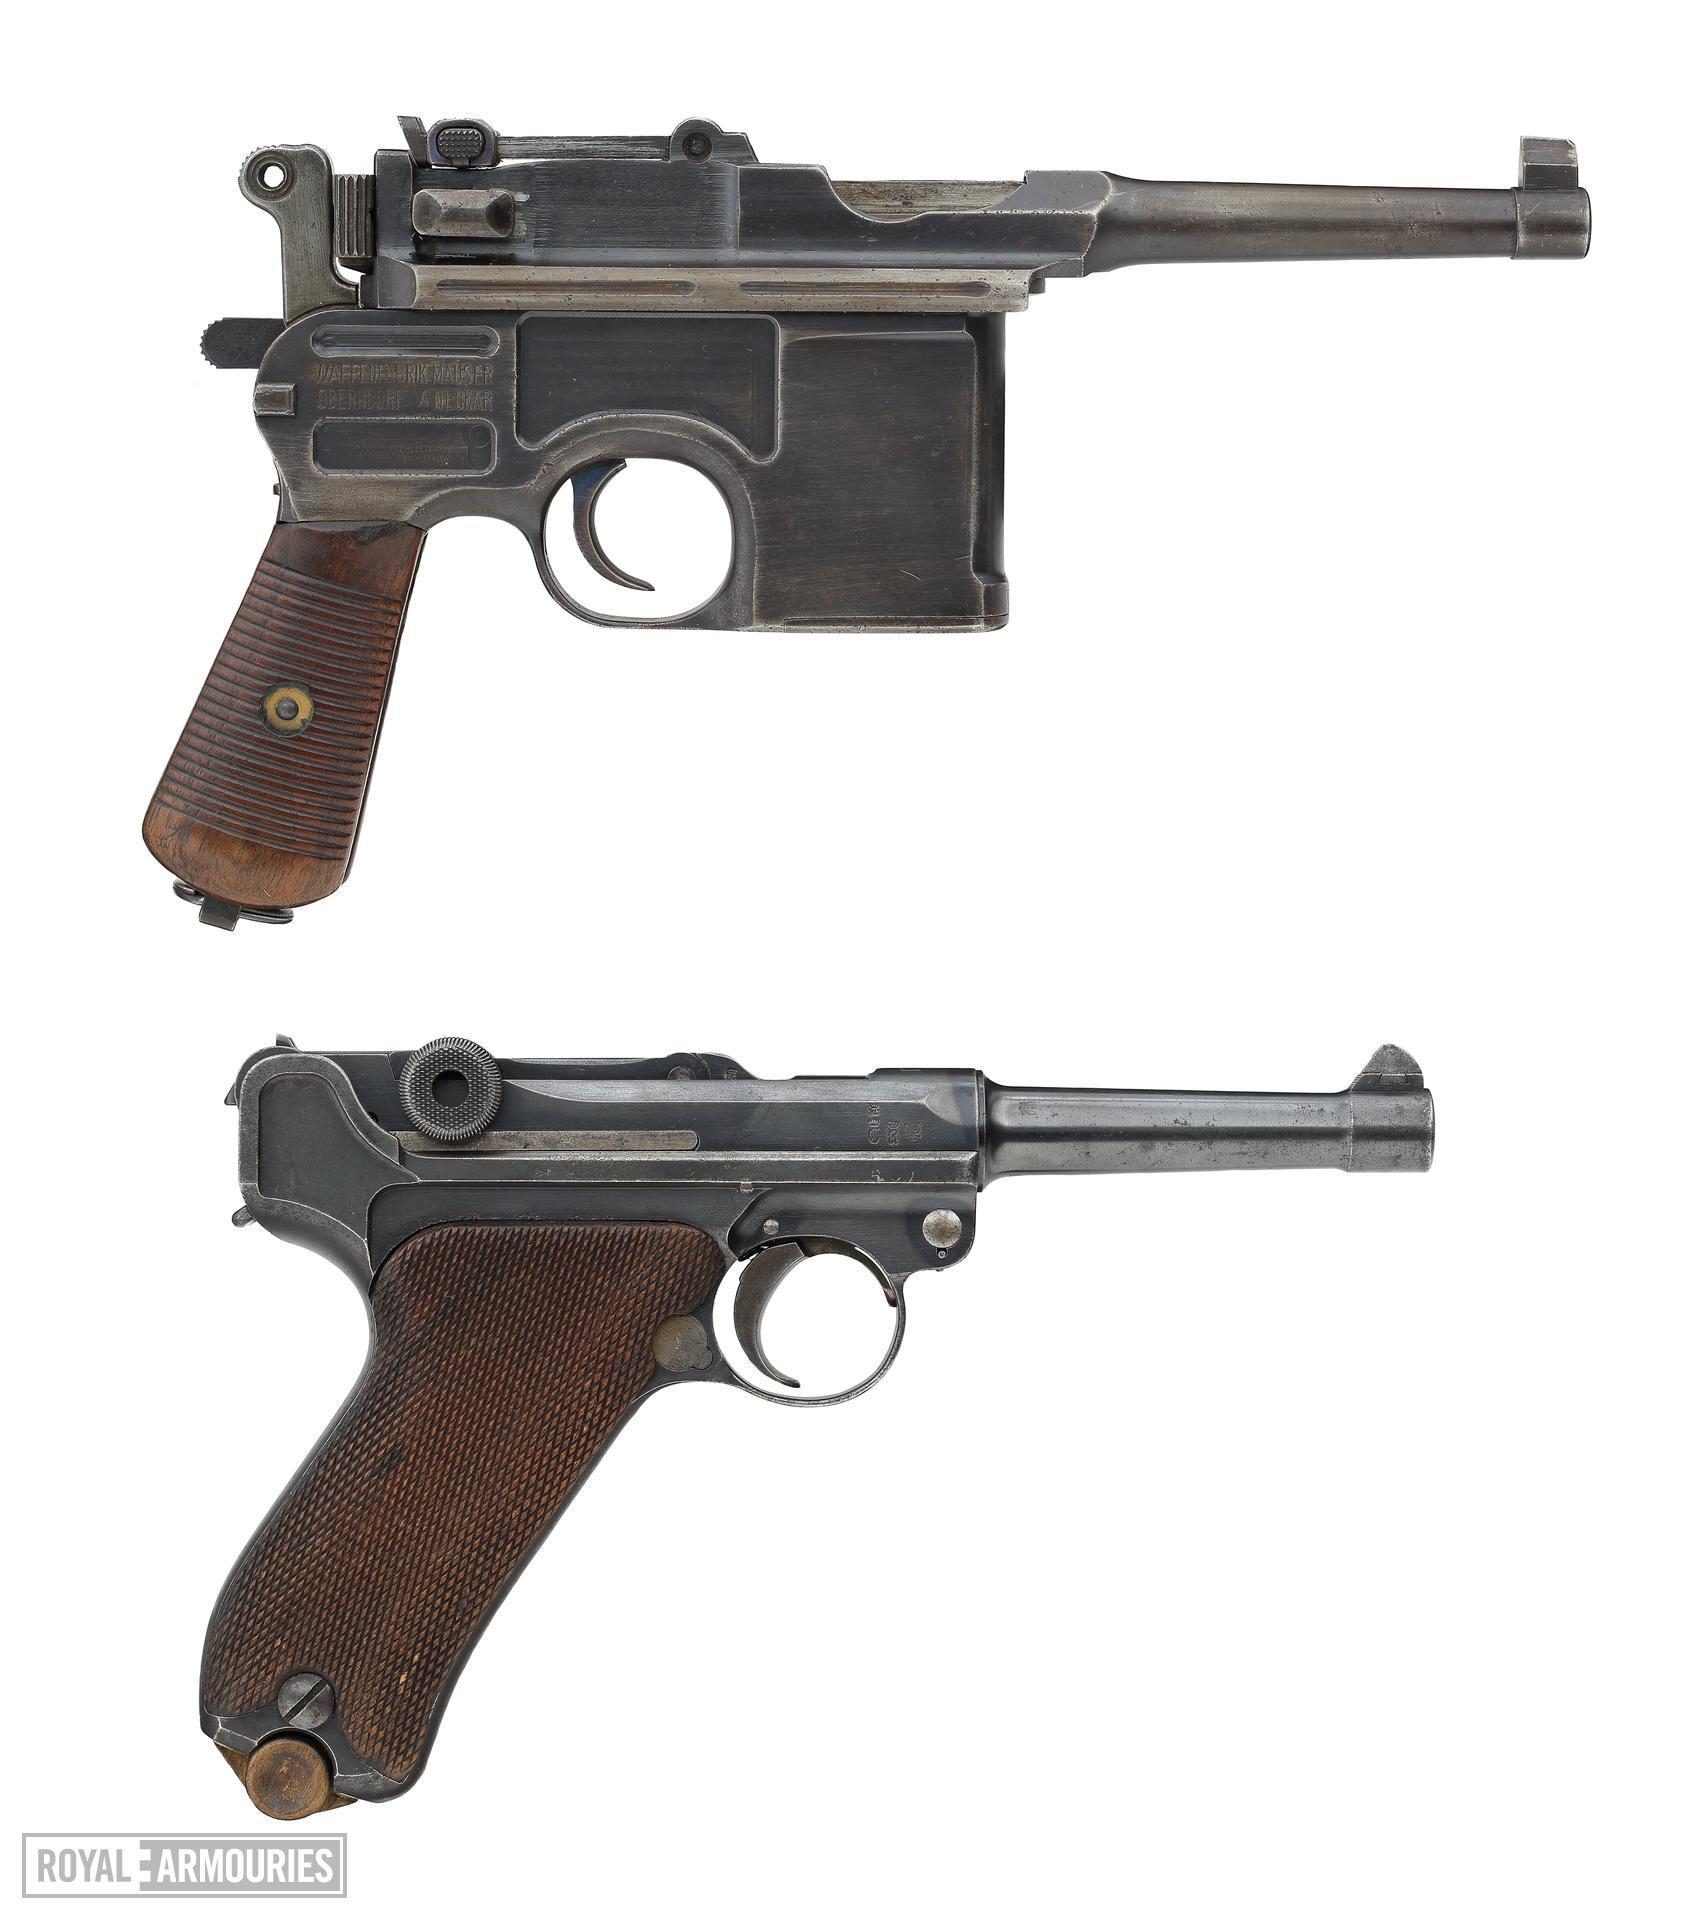 Mauser C96 Bolo centrefire self-loading pistol (top) and Luger Model P08 centrefire self loading pistol (bottom) (XII.3599 PR.4154)